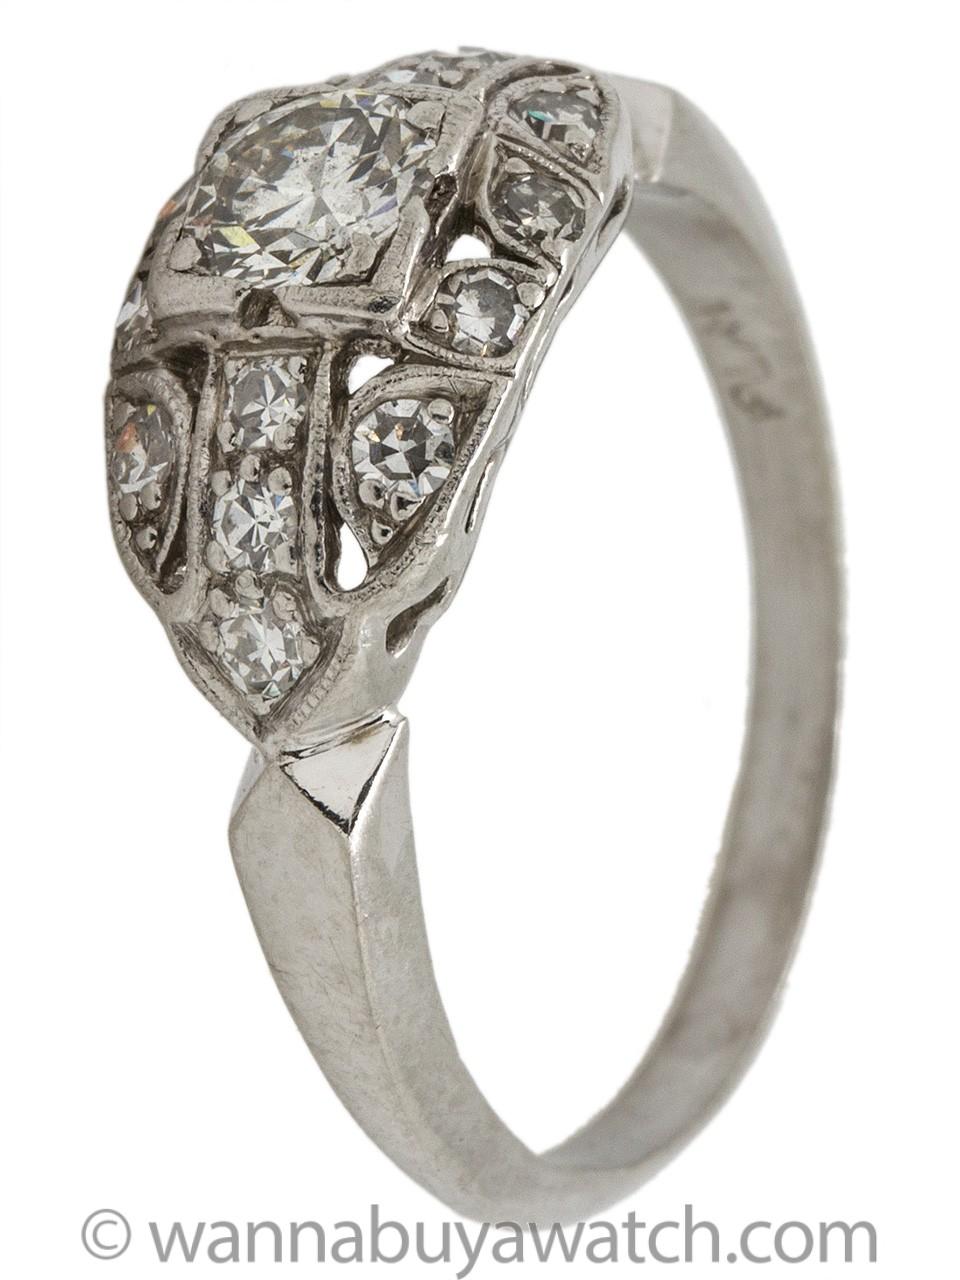 Vintage Art Deco Platinum Engagement Ring 0.50ct Round Brilliant I-SI2 circa 1930s